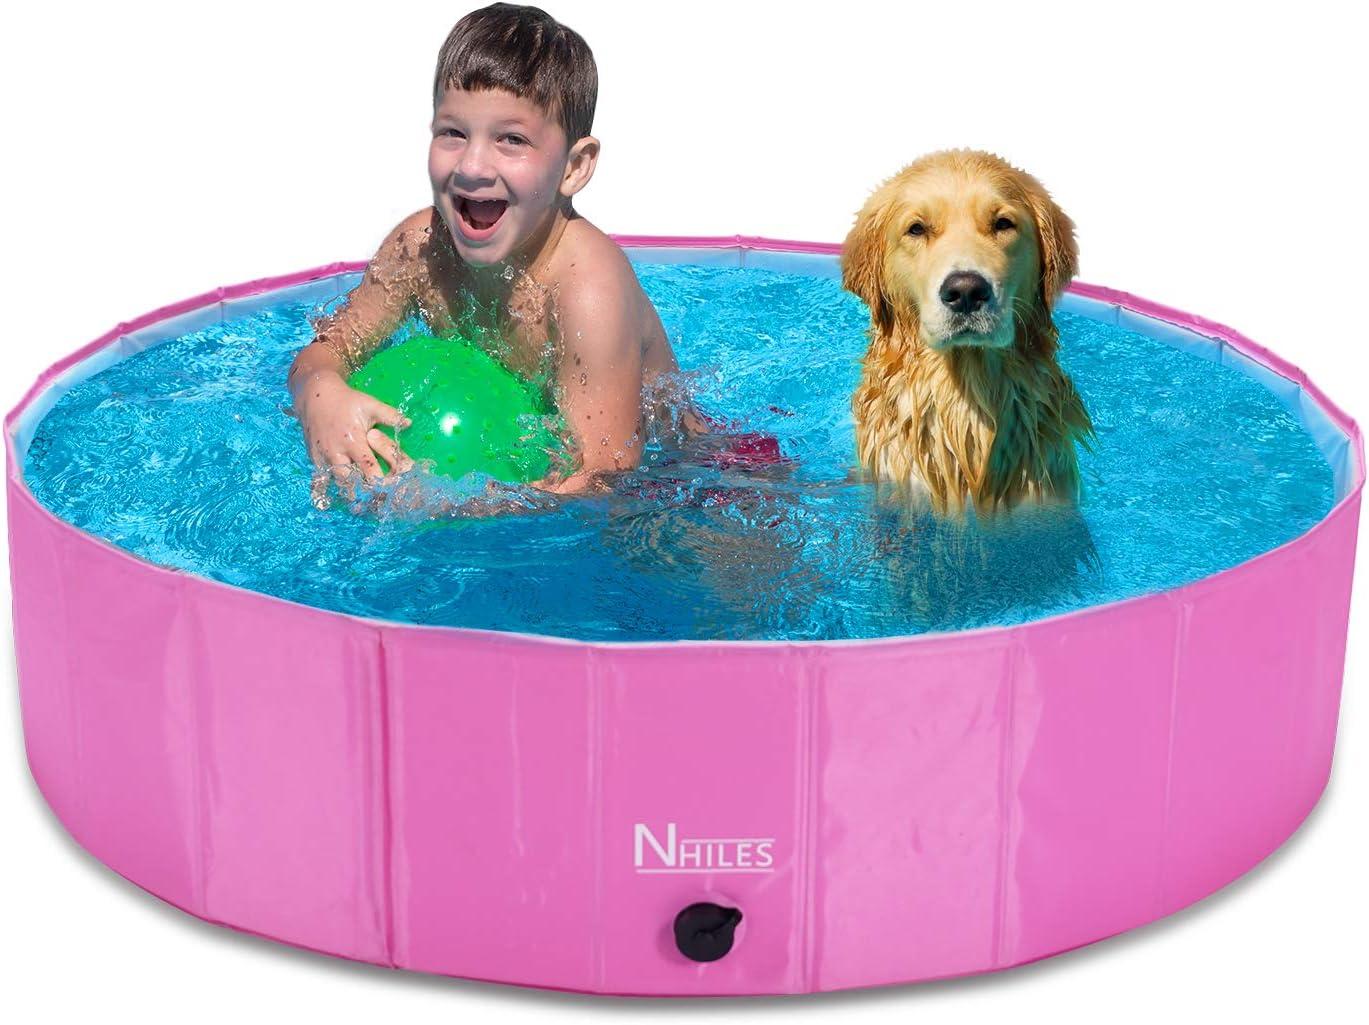 Kiddie Pool for summer